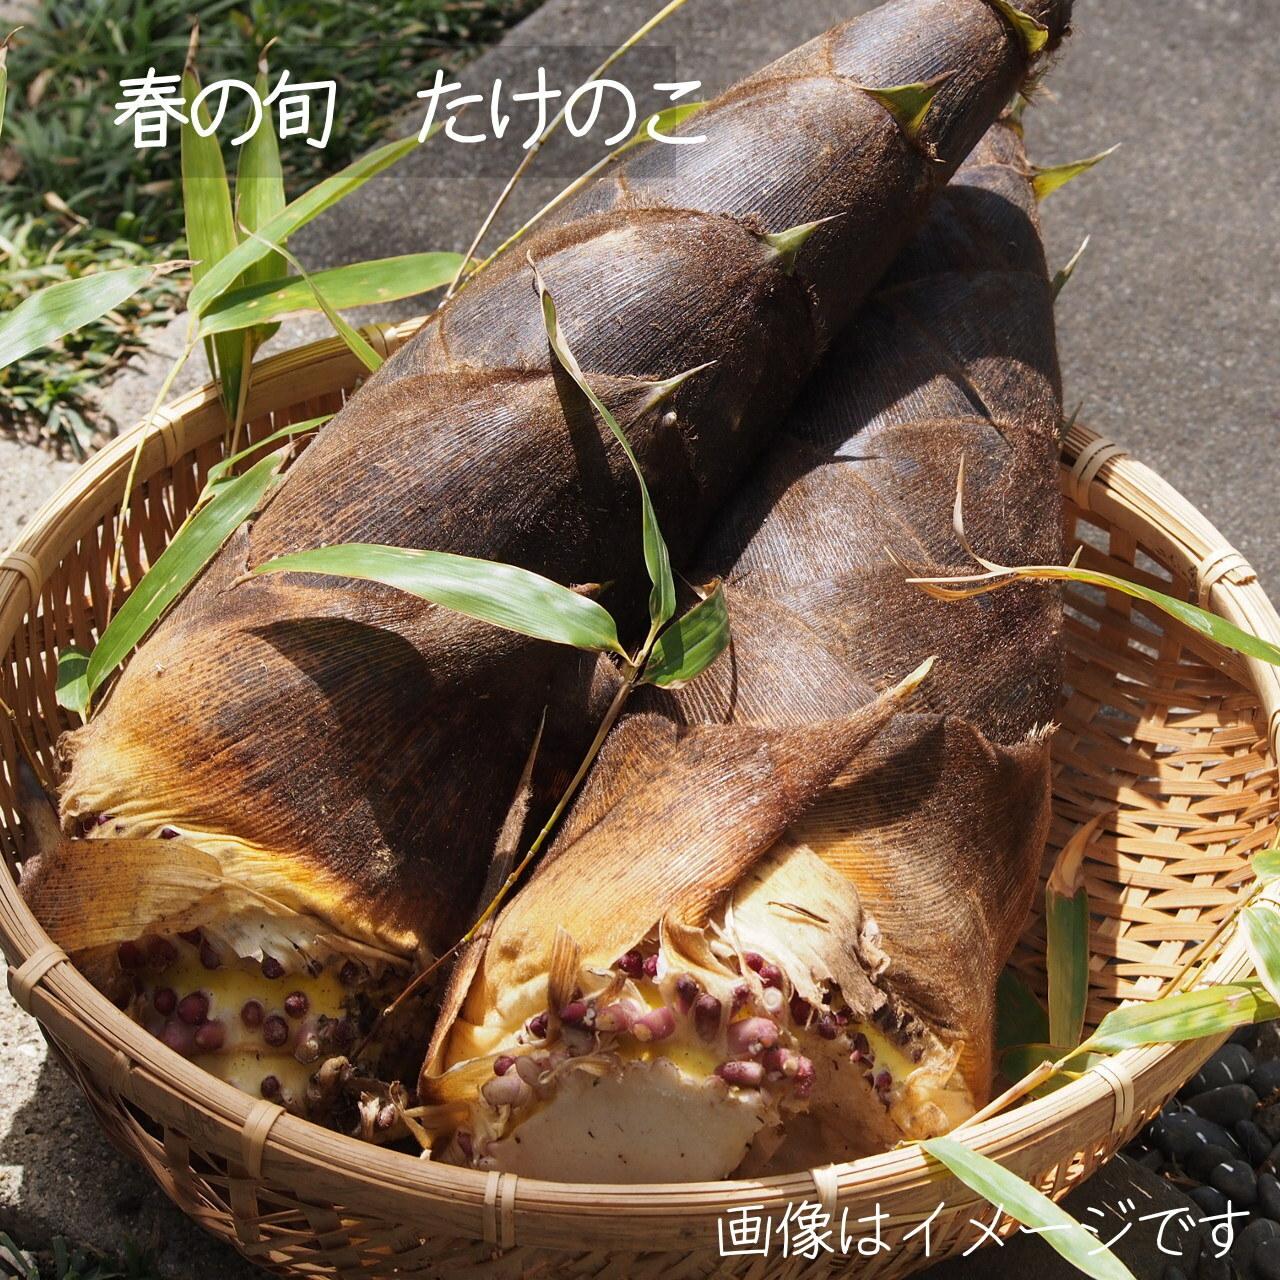 春の新鮮野菜 たけのこ 1本 5月の朝採り直売野菜 5月9日発送予定